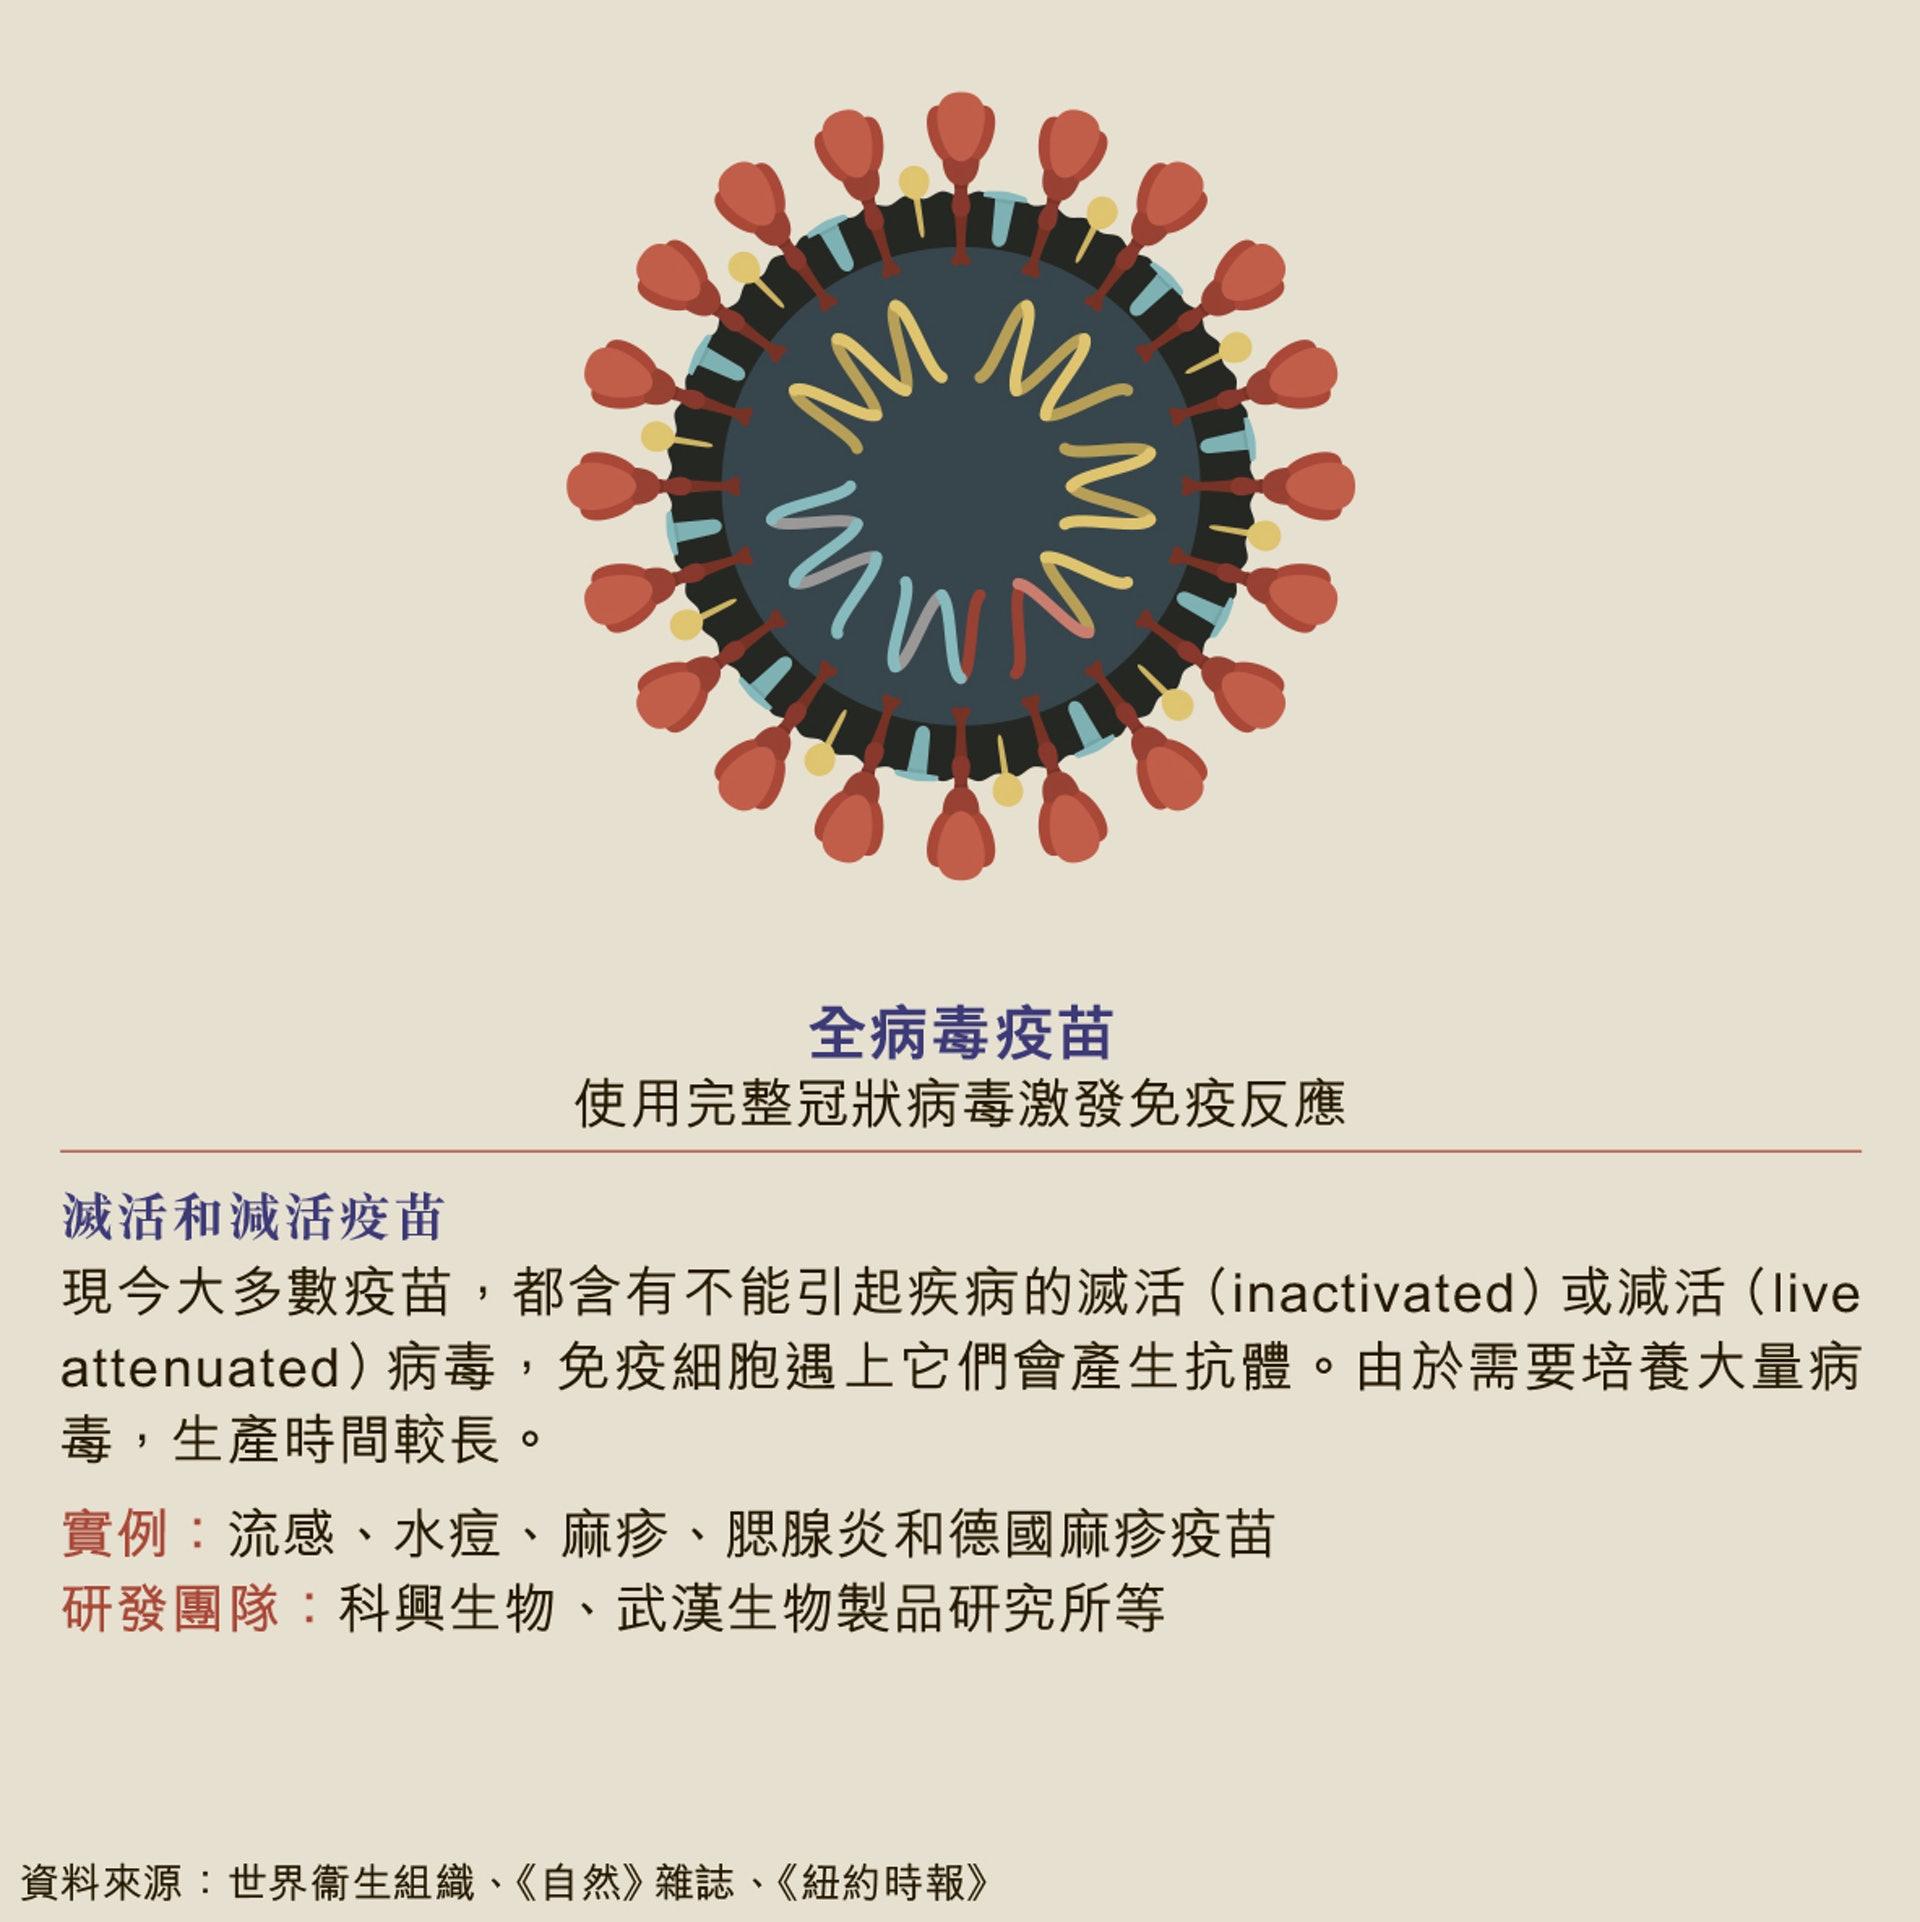 中国已施打 美德最快下月起跑 各国接种时间表